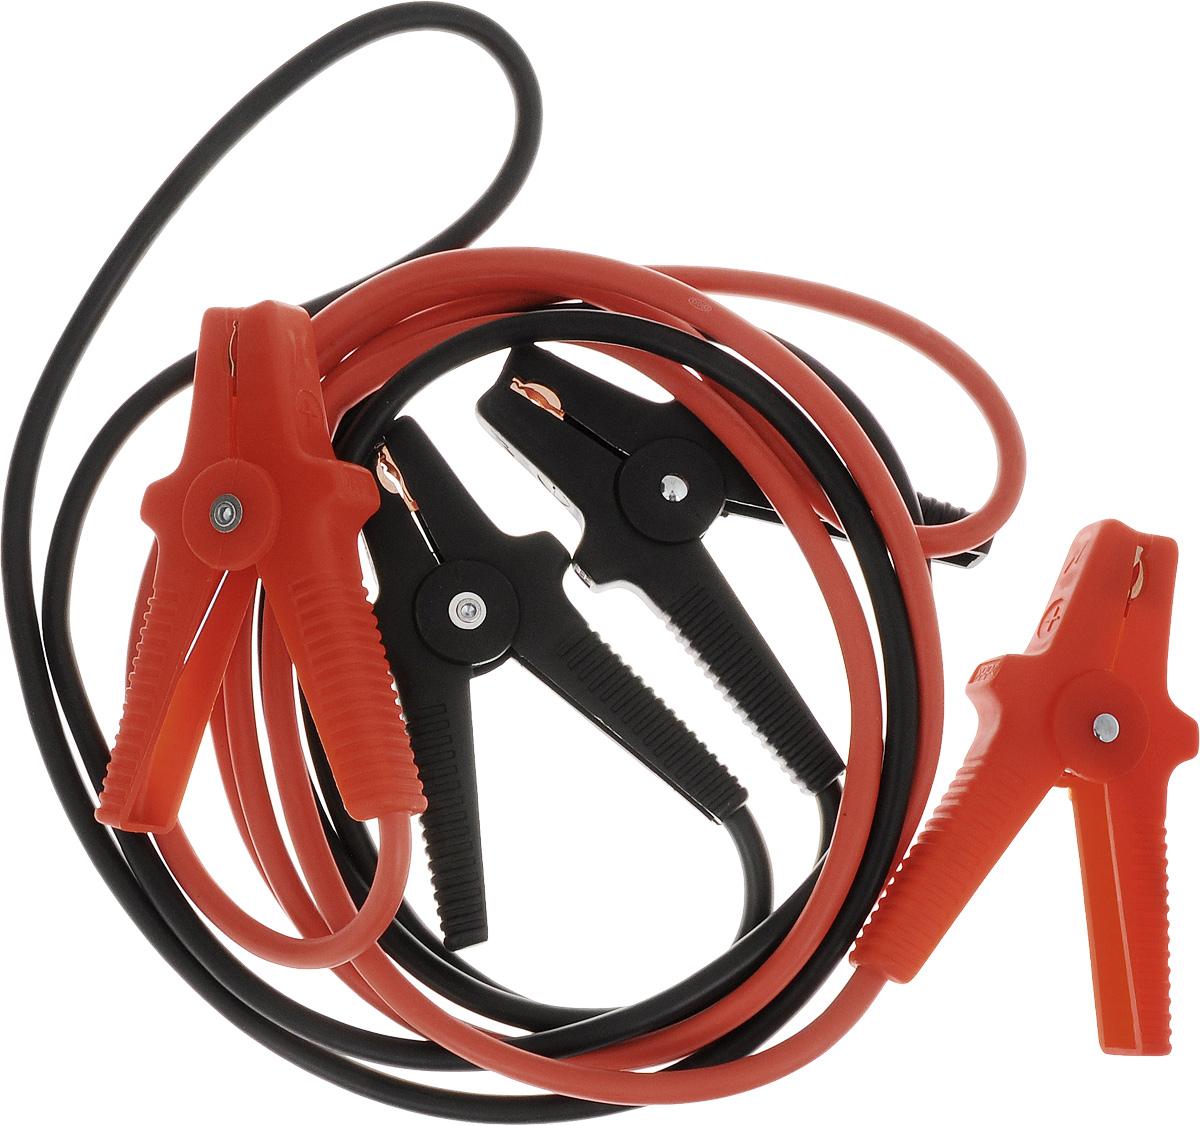 Старт-кабель Alca, CCA 400 А, длина 3 м404410Старт-кабель Alca выполнены из алюминия с медным покрытием. Зажимы полностью изолированы. Руководство по эксплуатации: Присоединение.Кабель с красными зажимами присоединить к плюсовой клемме разряженного аккумулятора, затем присоединить к плюсовой клемме аккумулятора, от которого производится пуск. Кабель с черными зажимами подключить к минусовой клемме аккумулятора, от которой производится пуск и к массе автомобиля с разряженной батареей, например к кабелю массы либо к не изолированной точке моторного блока, причем на максимальном удалении от аккумулятора, которым производится пуск для избежания возможного возгорания образующегося разрядного газа.Пуск.После присоединения проводов стартер-кабеля запустить двигатель автомобиля, от которого производится пуск, и установить средние обороты. Запустить двигатель автомобиля с разряженным аккумулятором. После каждой попытки запуска двигателя, длительность которого не должна превышать 15 секунд, необходима пауза около 1 минуты. После успешного запуска двигателя продолжить 2-3 минуты до устойчивой работы.Отсоединение:Отсоединение производиться в обратном от присоединения порядке. Сначала отсоединяется черный зажим от кабеля массы либо моторного блока автомобиля с разряженным аккумулятором. Затем отключить оба красных зажимав произвольном порядке. При отсоединении проводов стартер-кабеля обращать внимание на исключение контакта стартер-кабеля с возвращающимся частями двигателя.Выдерживает температуру от +150°С до -50°С.В комплект входит сумка.